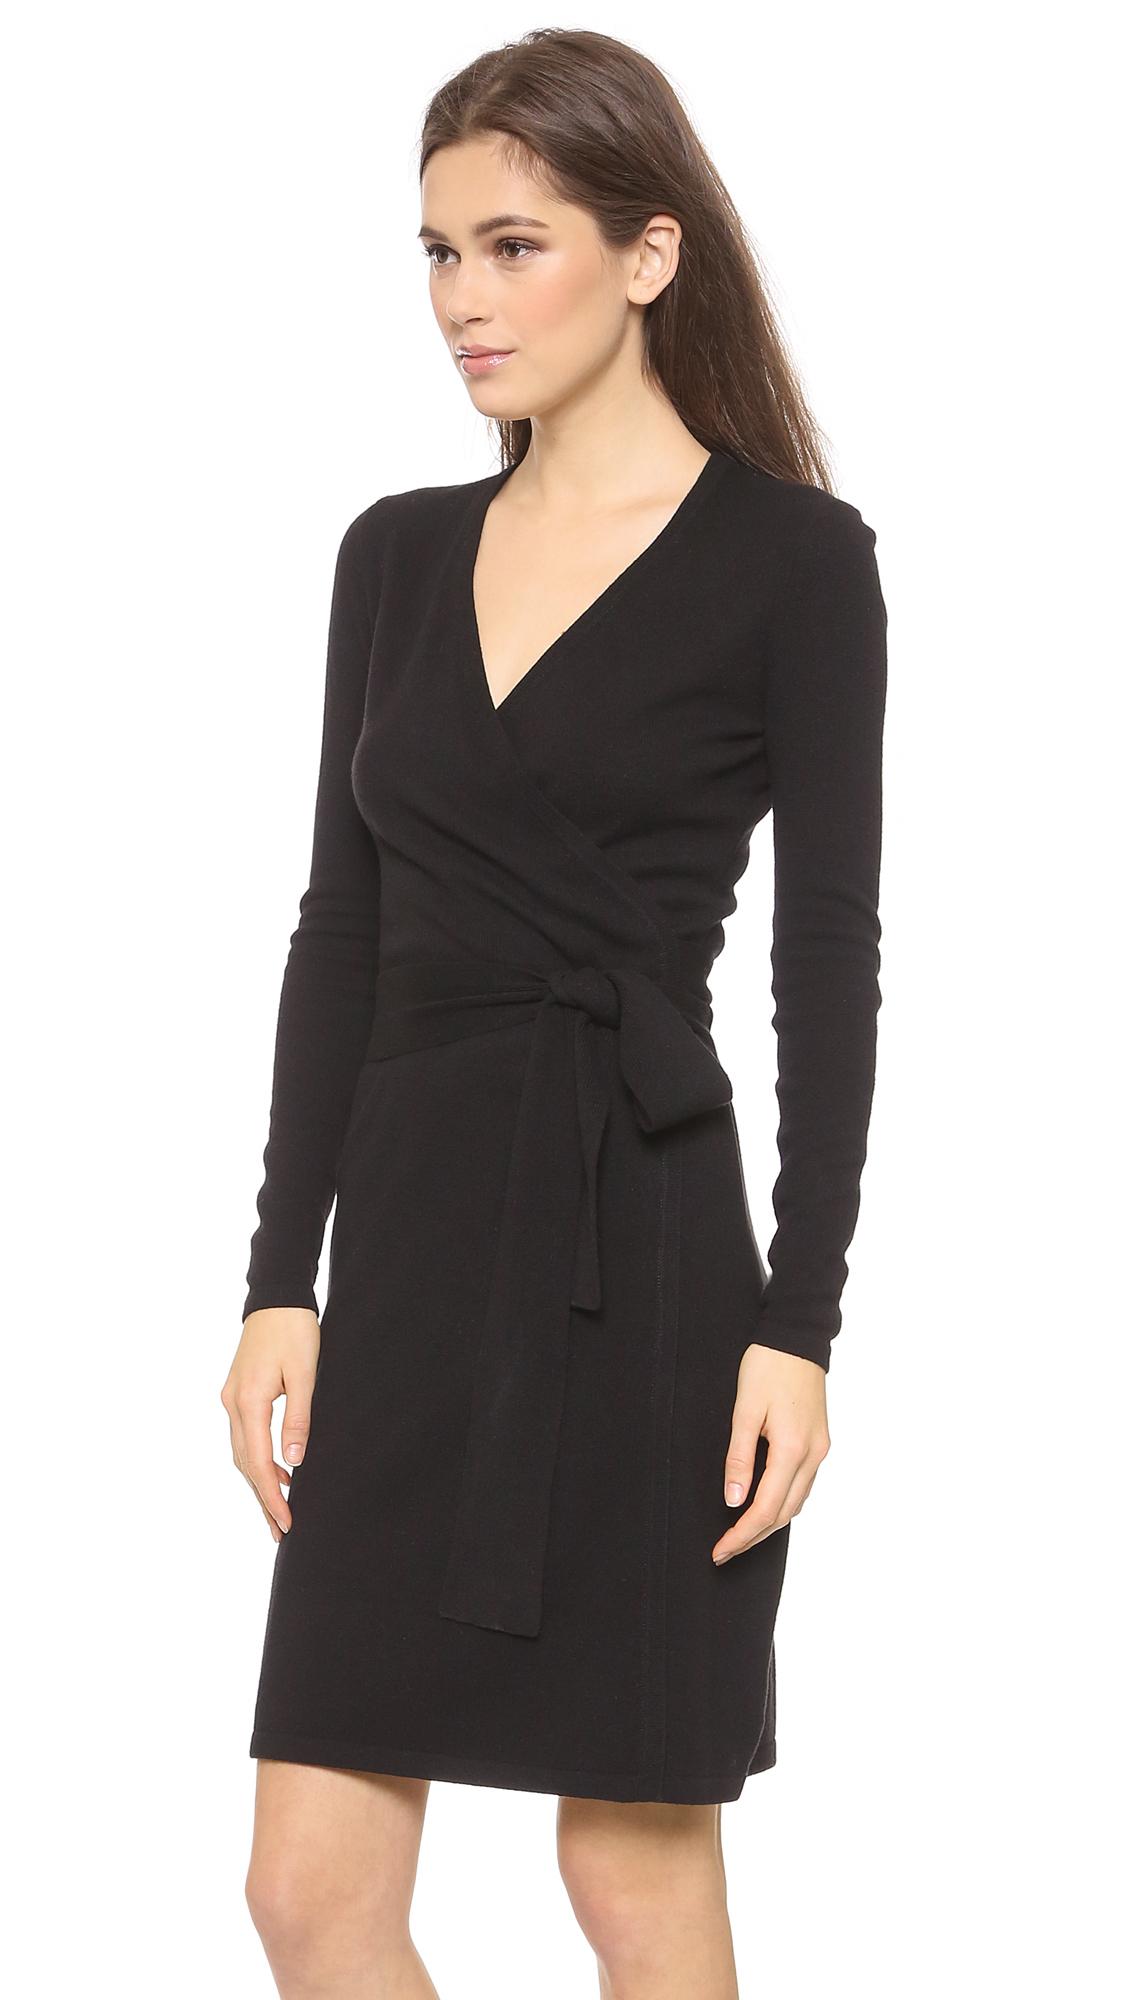 Diane von furstenberg Linda Wrap Sweater Dress - Black in Black | Lyst